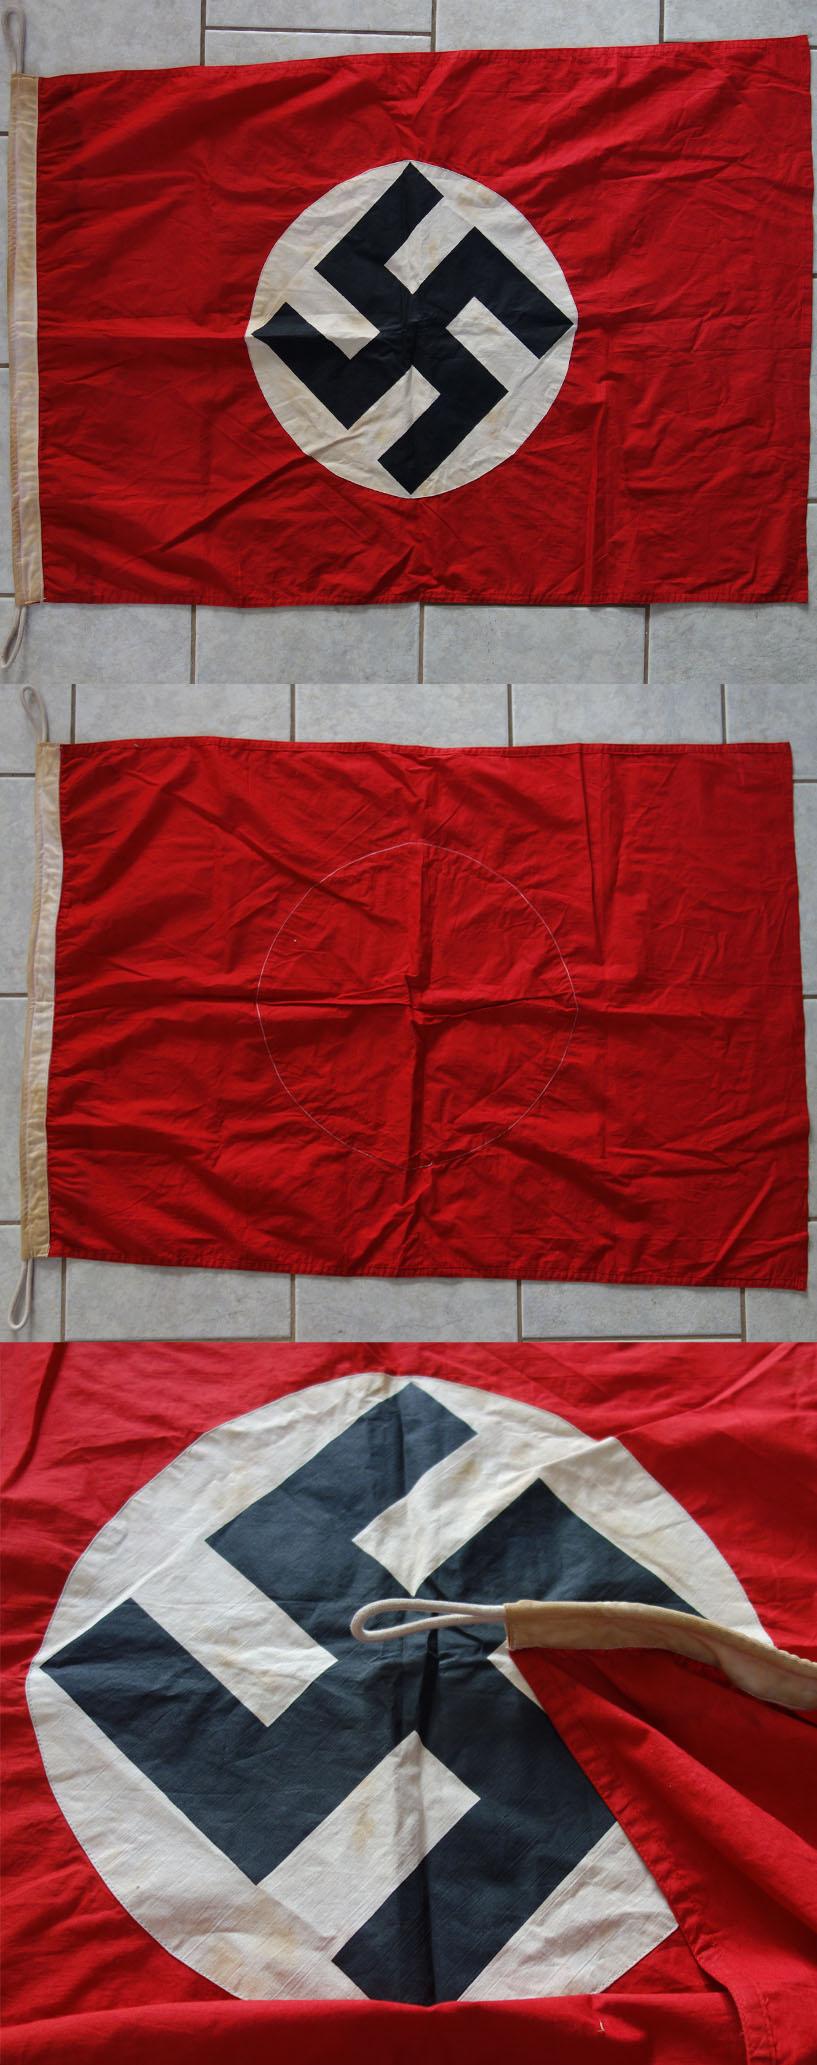 Reinactors Party Flag